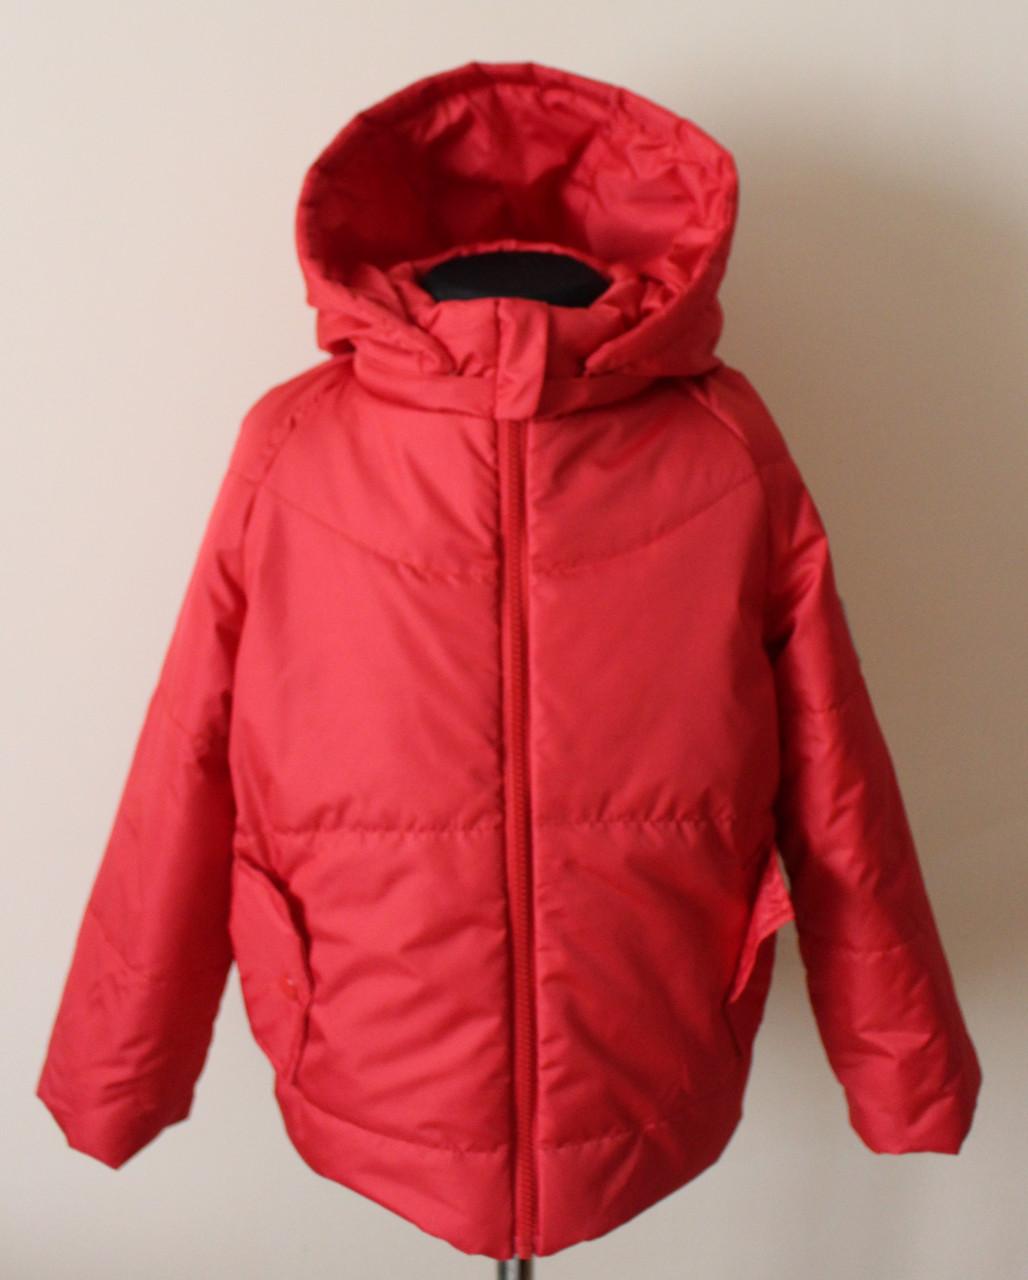 740d2365b647 Детская куртка для девочки 6-8 лет, цена 400 грн., купить в ...